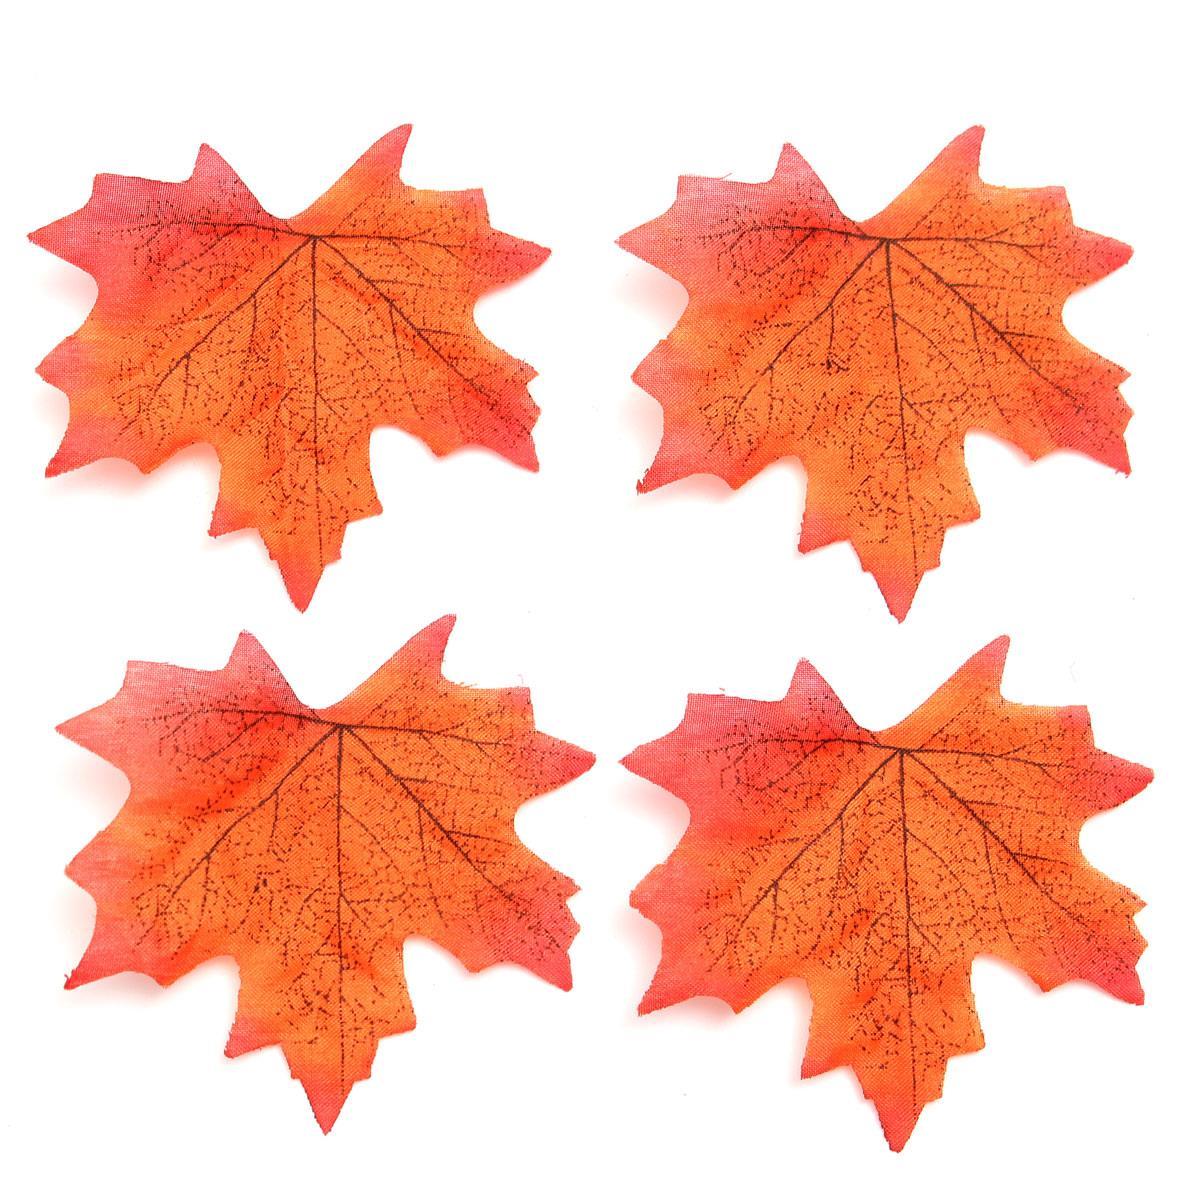 кленовые листья цветные картинки для вырезания больших размеров снялась почти